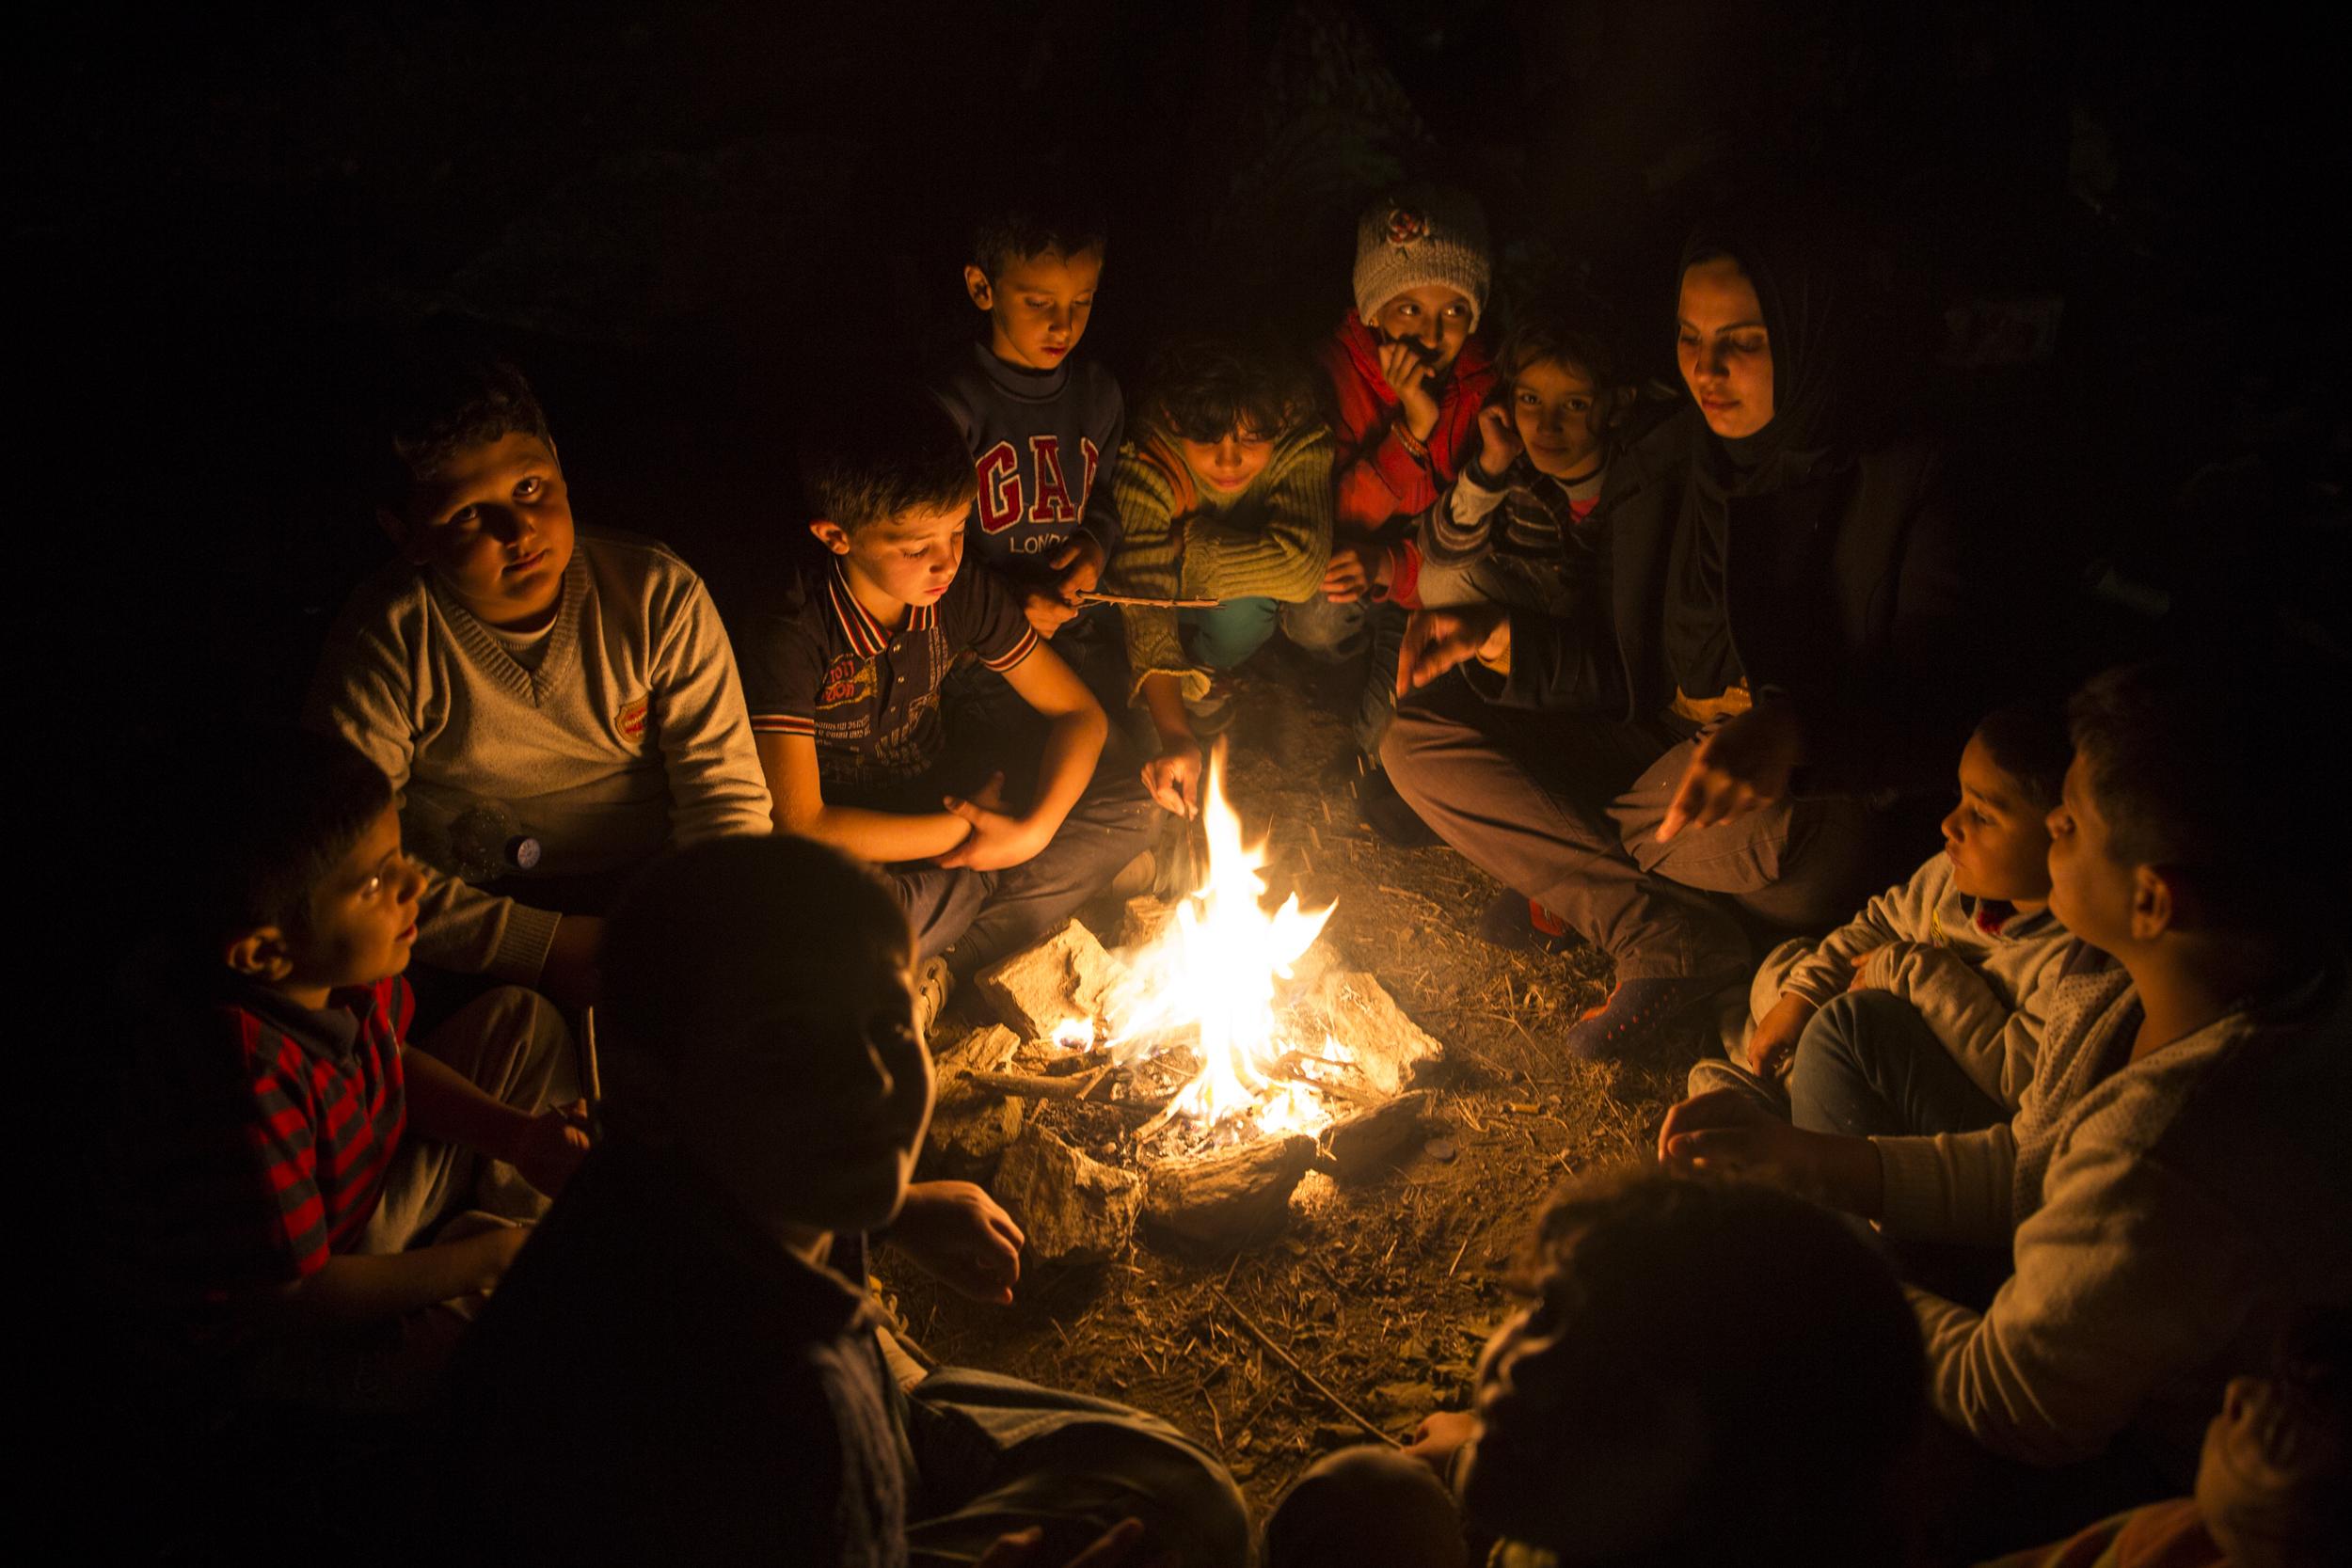 Des enfants rassemblés autour d'un feu, dans les oliveraies à l'extérieur de Moria où des centaines de personnes ont monté le camp ces derniers jours en attendant d'être enregistrées